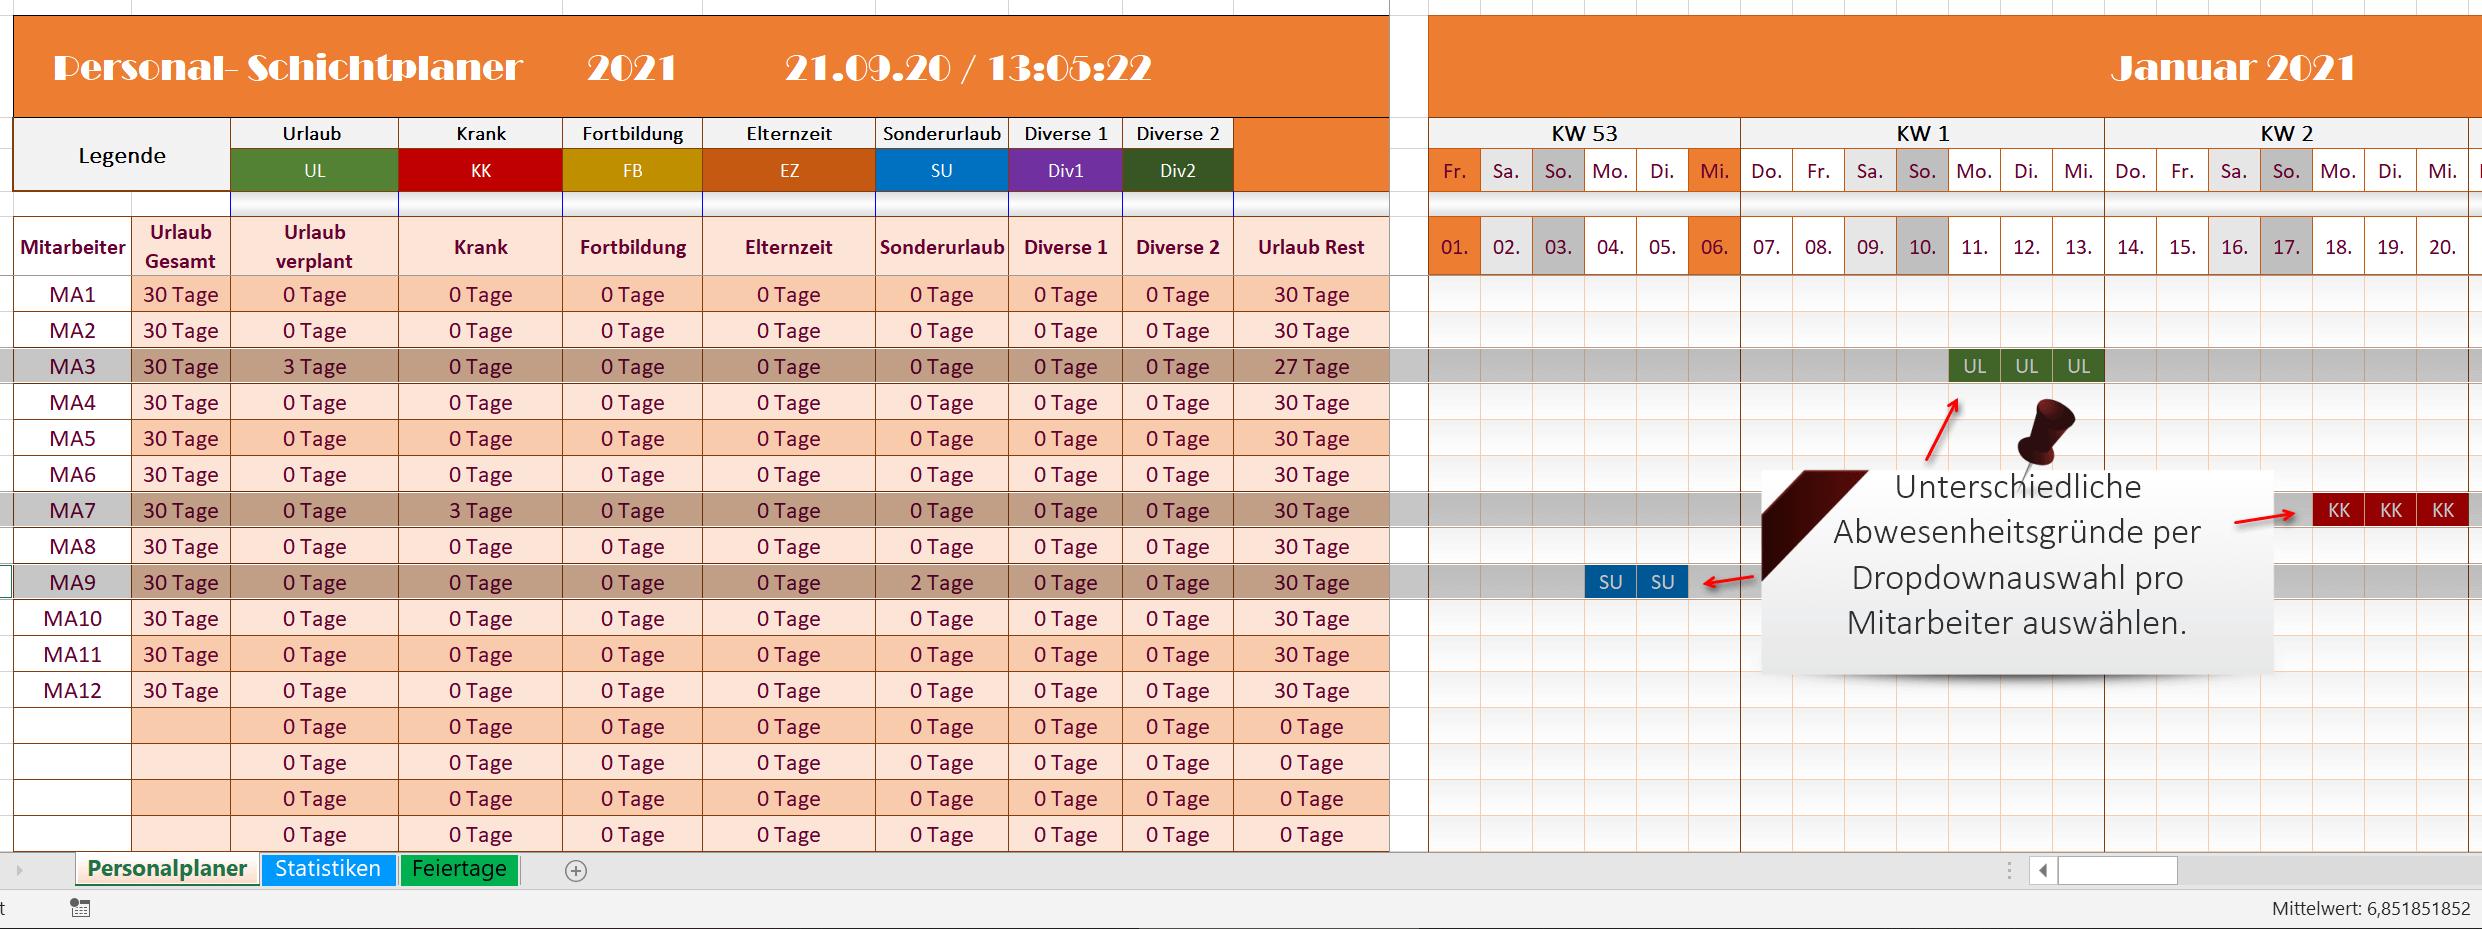 Excel Personalplaner 2021 - Funktionen Ansicht 1